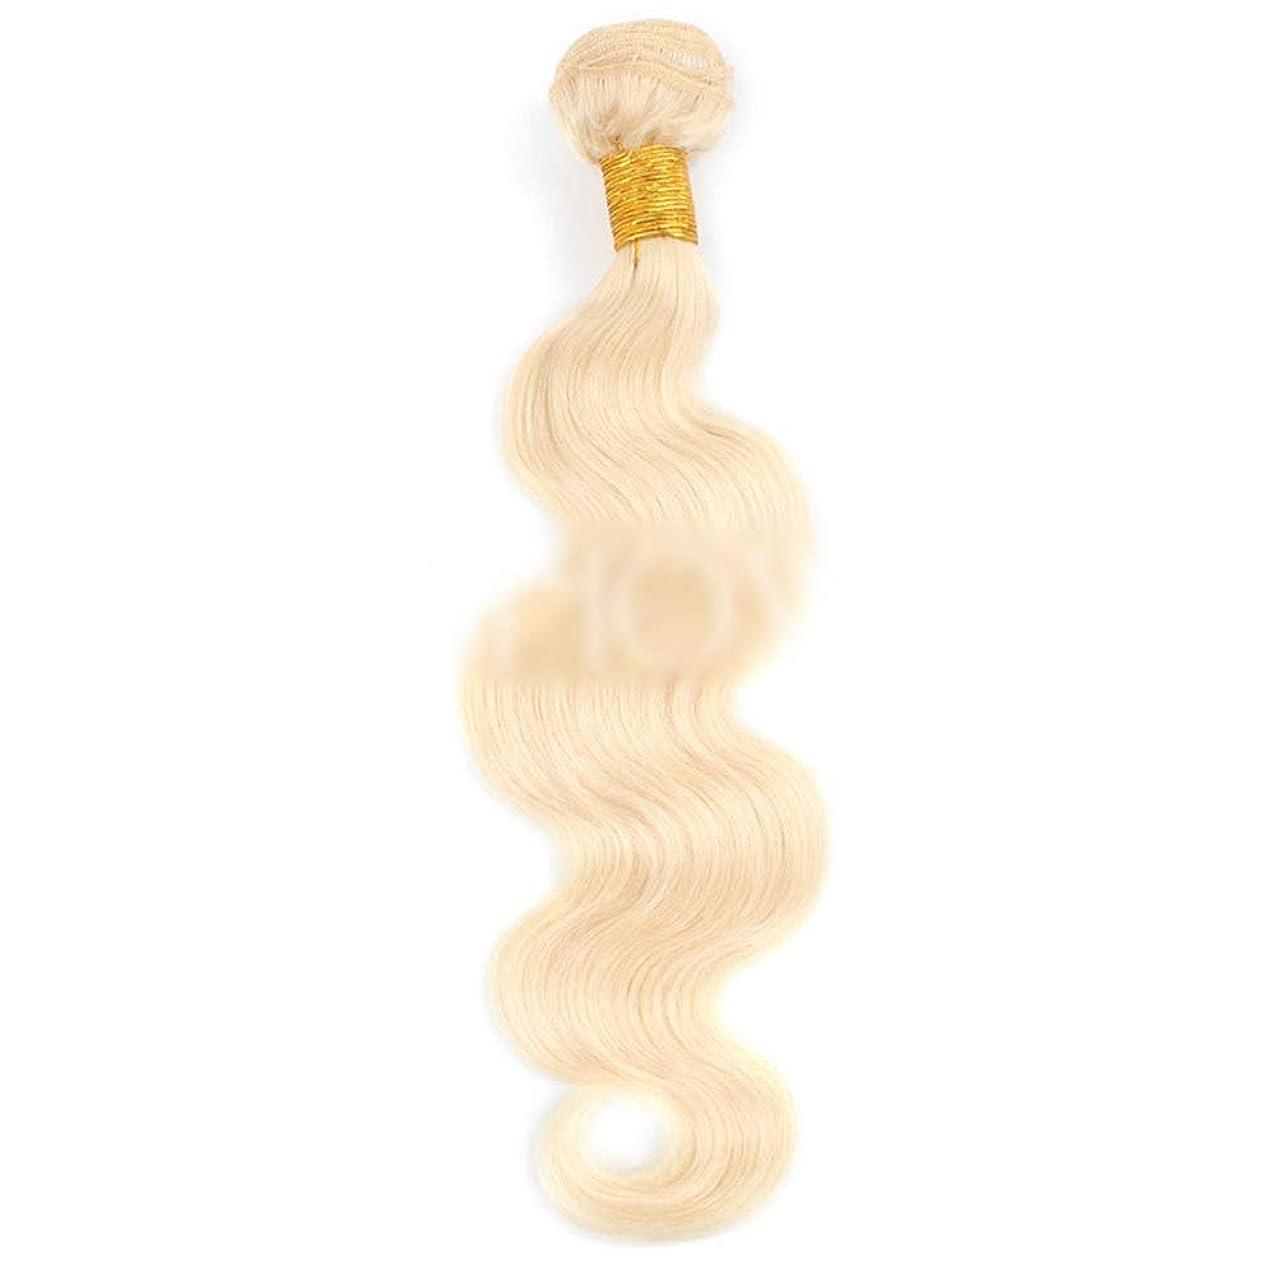 チョップ直感不承認BOBIDYEE ブロンドの人間の髪織りバンドル本物のRemyナチュラルヘアエクステンション横糸 - ボディウェーブ - #613ブロンド(100g / 1バンドル、10インチ-26インチ)合成髪レースかつらロールプレイングウィッグロング&ショート女性自然 (色 : Blonde, サイズ : 18 inch)